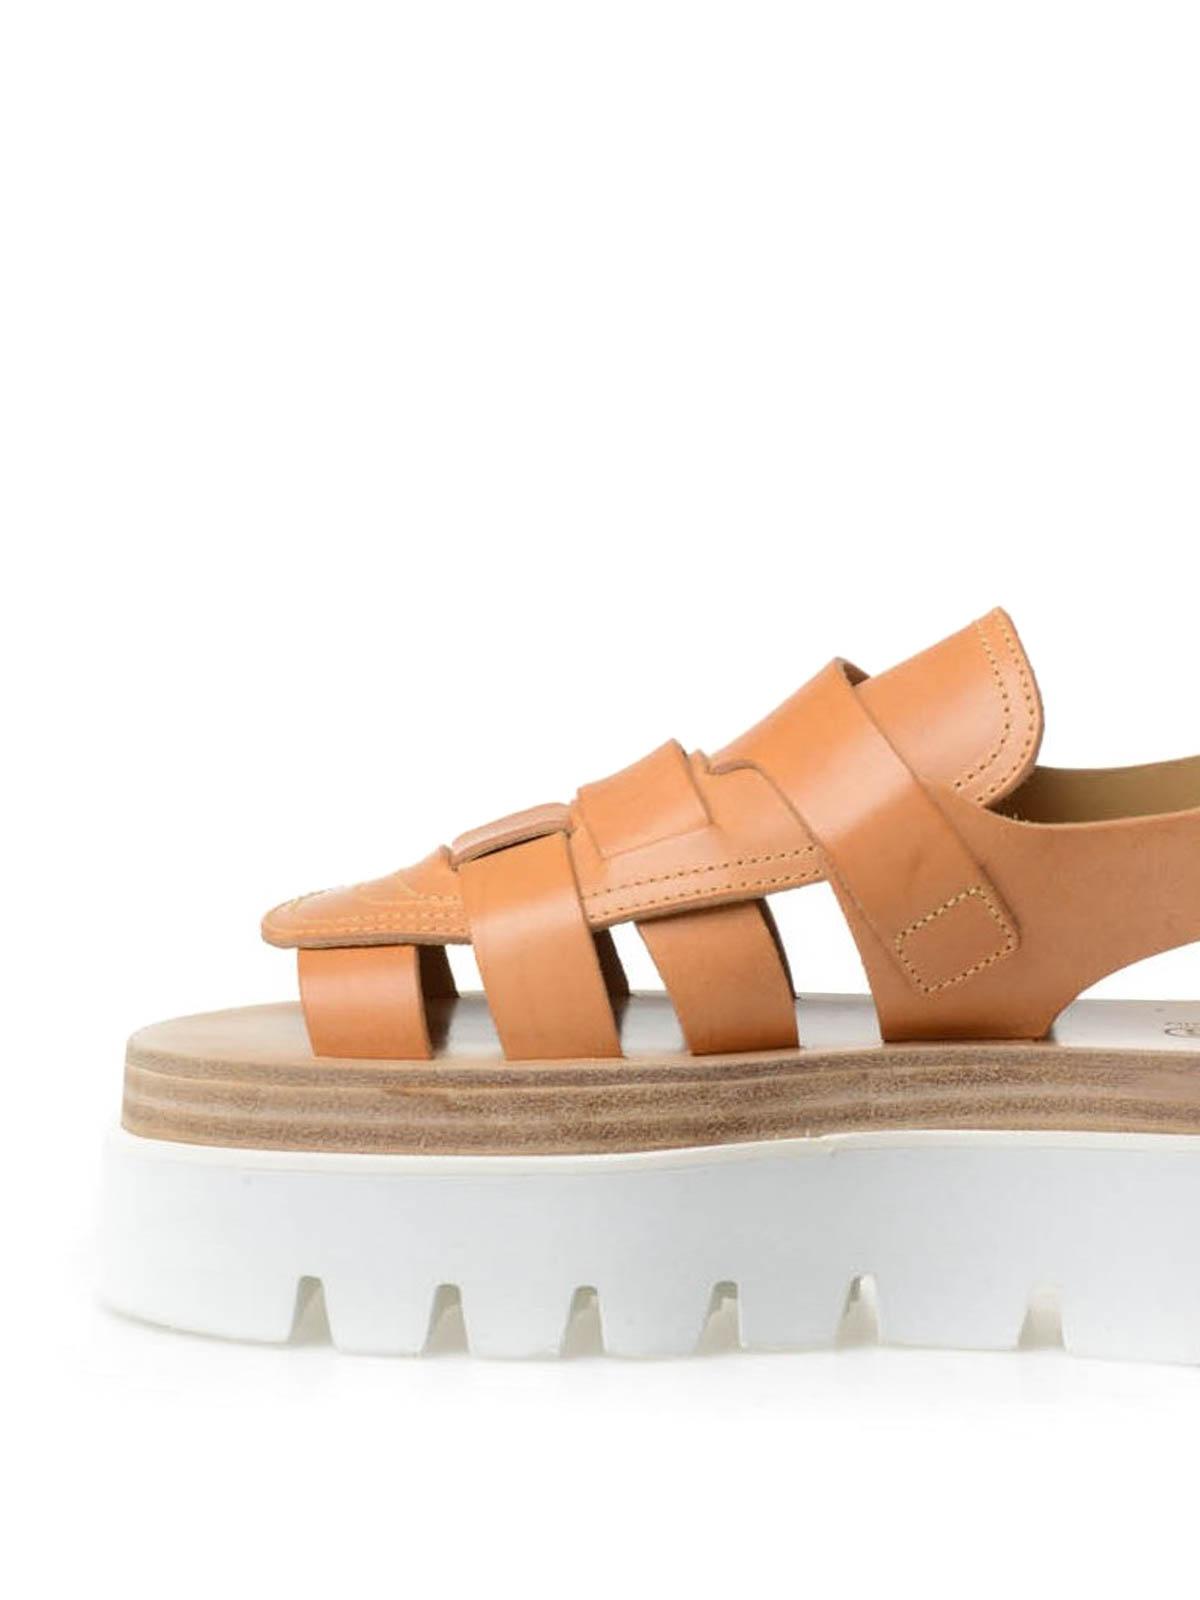 eeb3aba77e5 MM6 Maison Margiela - Platform sandals - sandals - S59WP0011 SX9548 ...